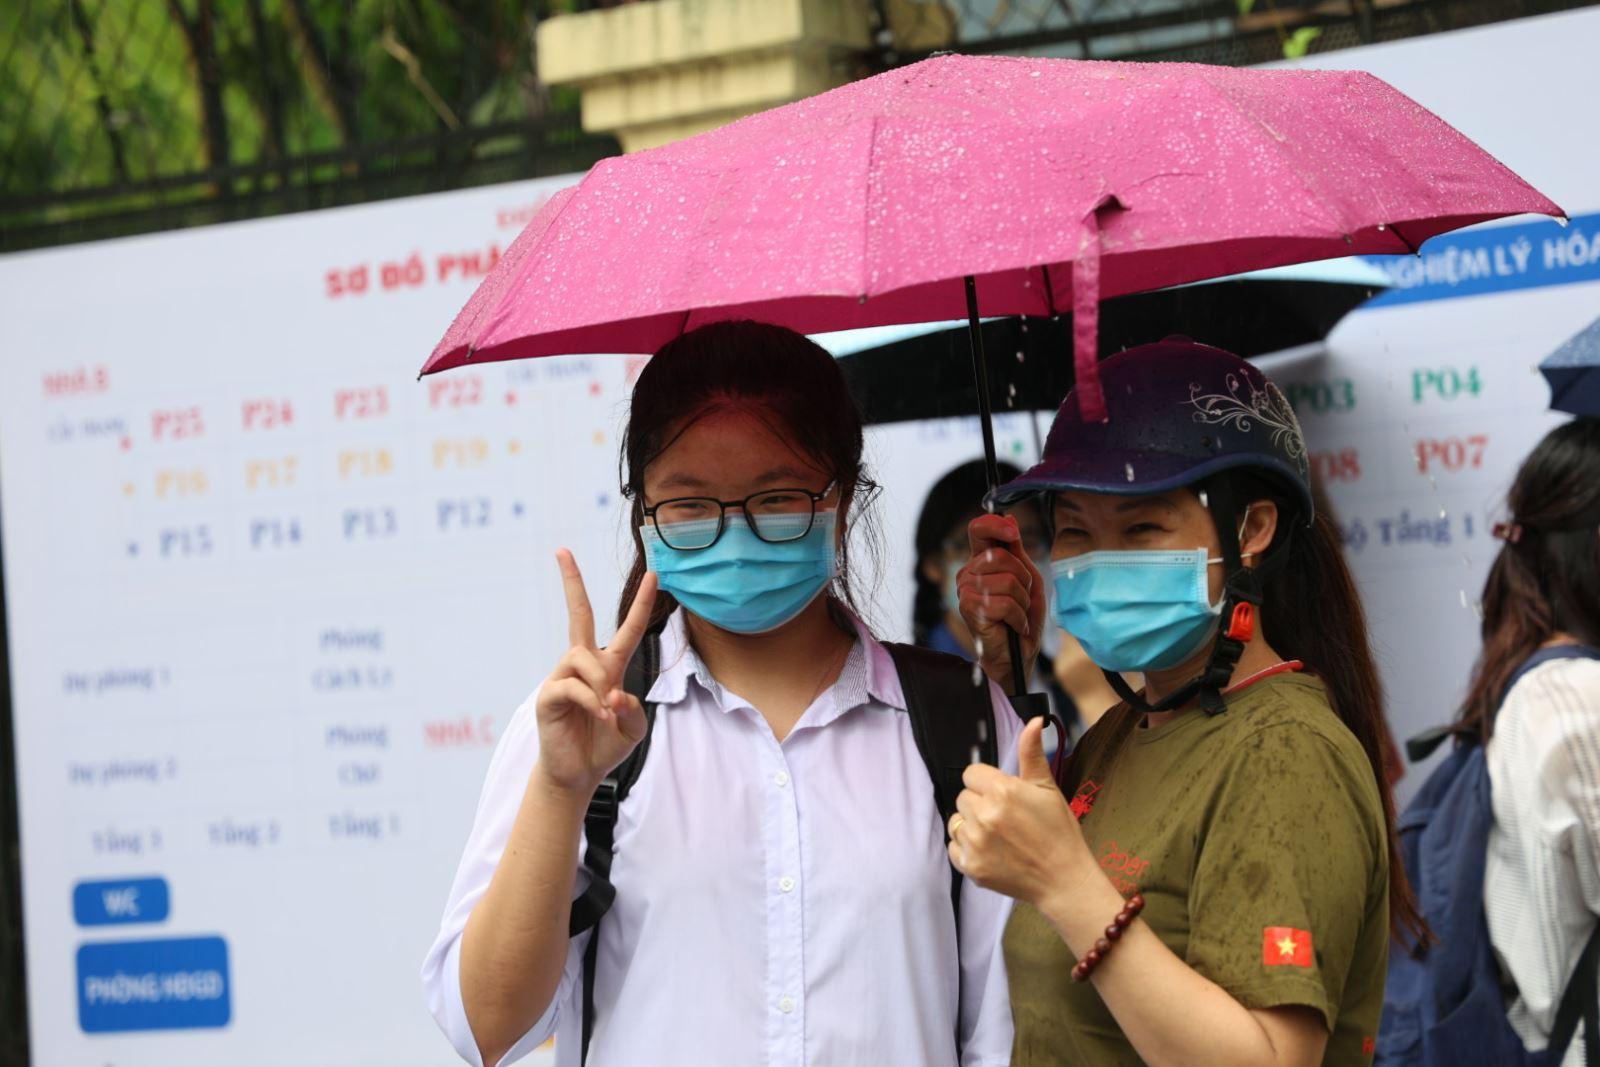 Học sinh Hà Nội hoàn thành kỳ thi tuyển sinh vào lớp 10 trong điều kiện dịch COVID-19. Ảnh: Lê Phú.